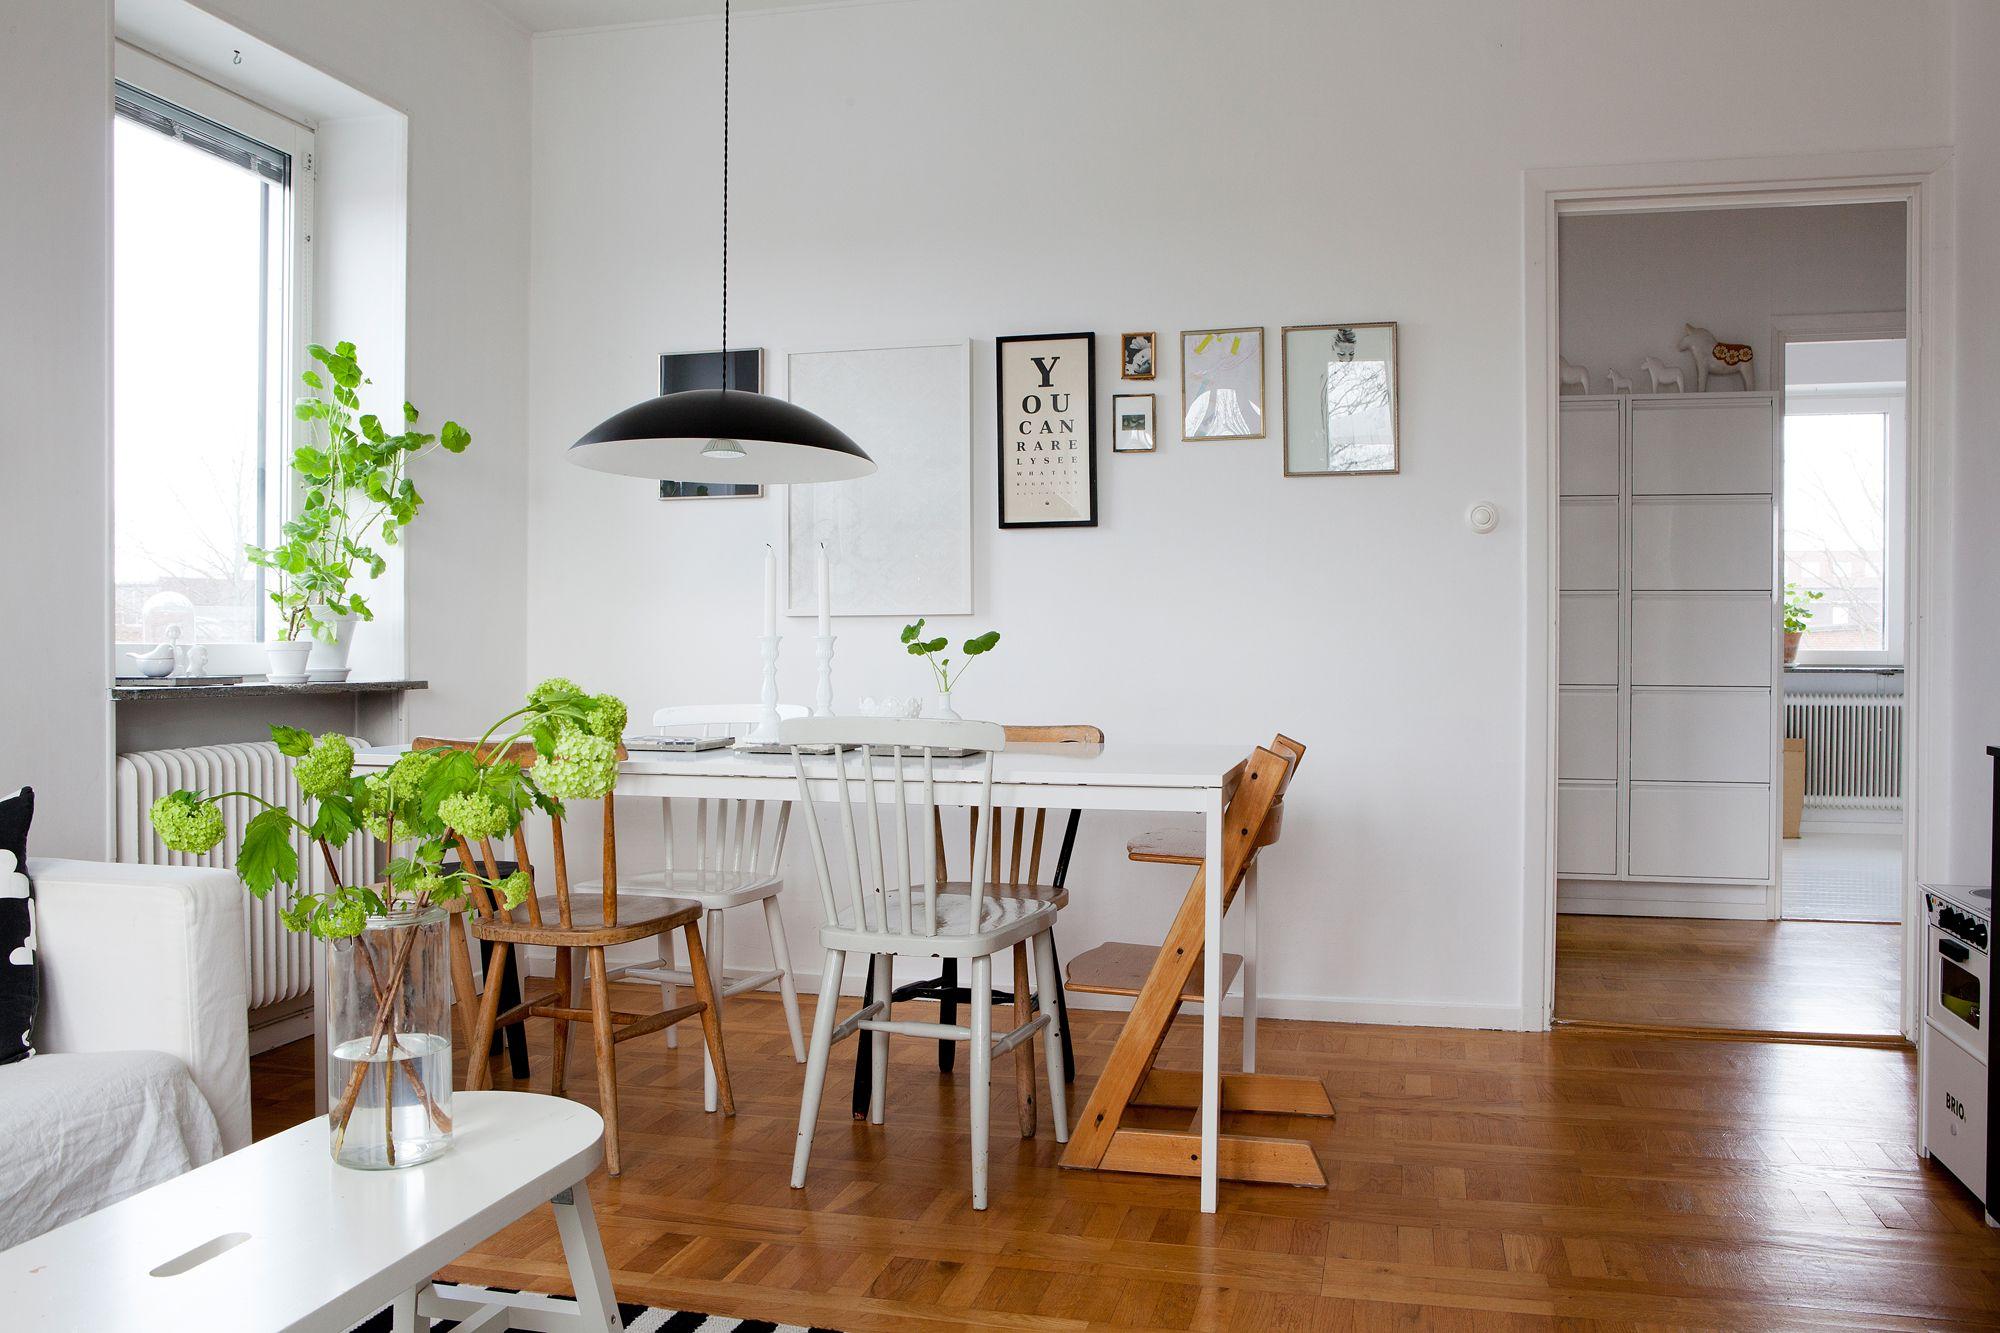 Vidas modernas en pisos antiguos blog tienda decoraci n for Decoracion de pisos interiores